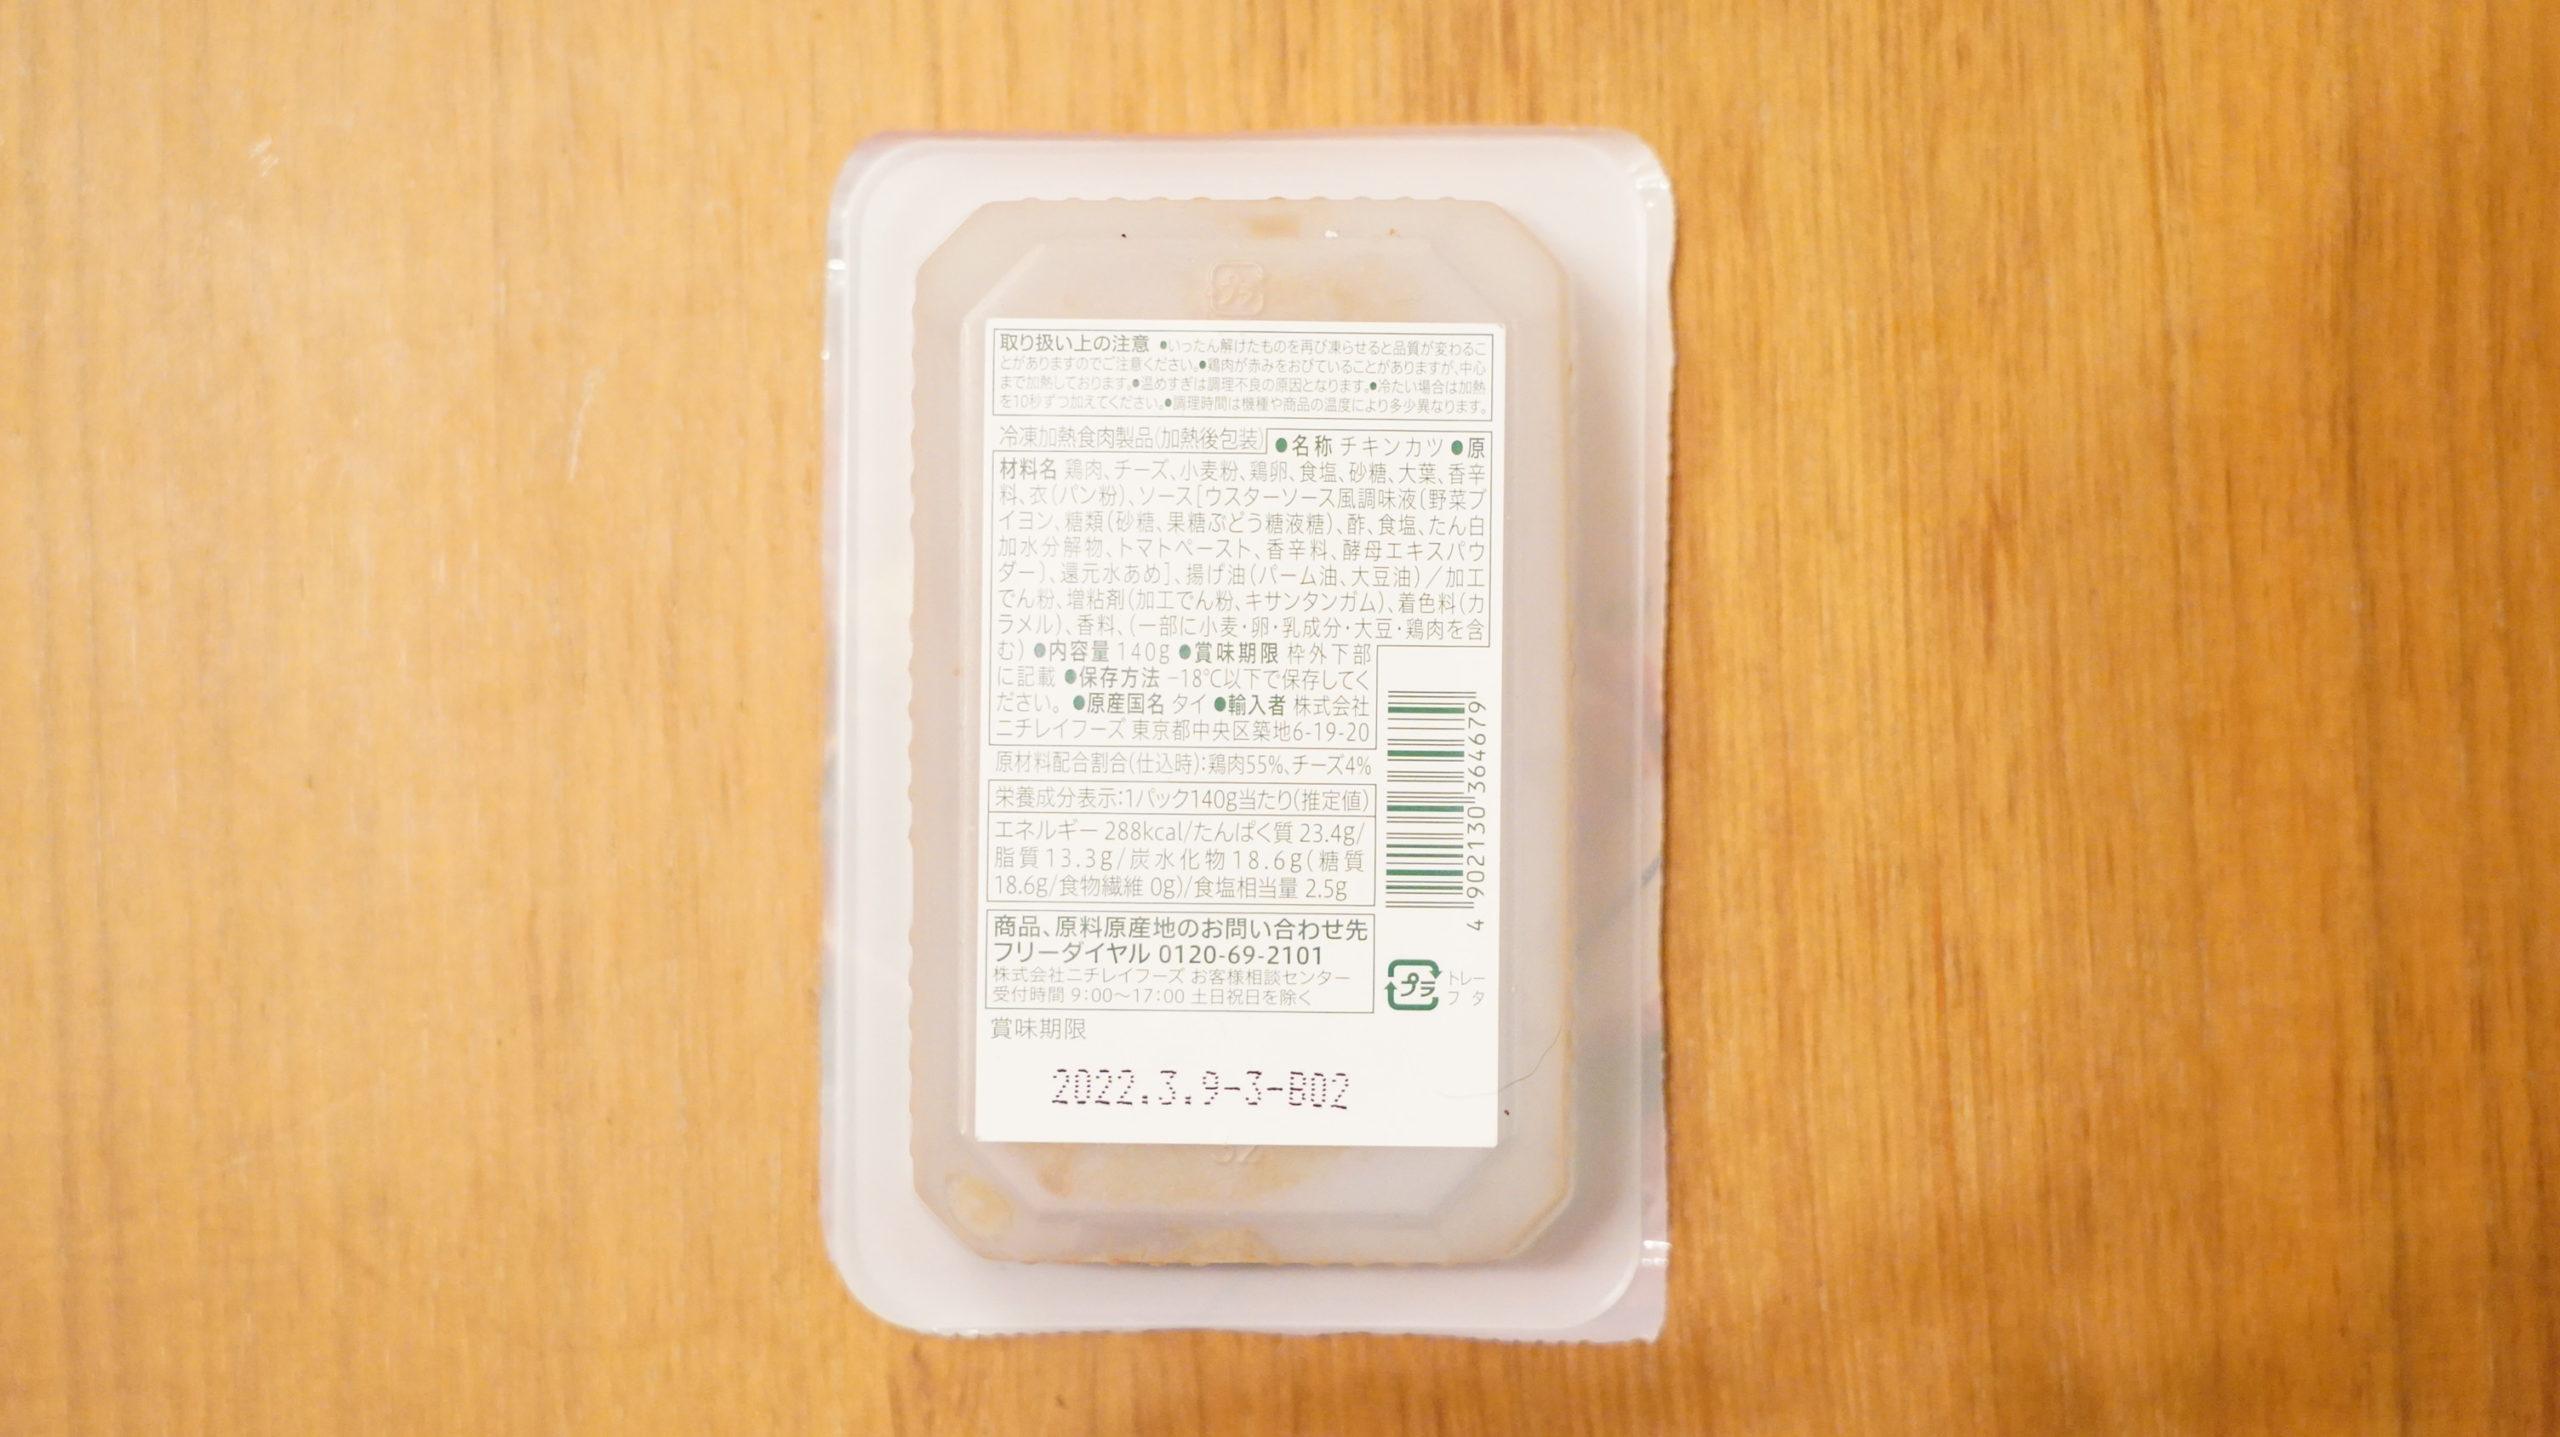 セブンイレブンの冷凍食品「大葉香る・ささみチーズカツ」のパッケージの裏面の写真